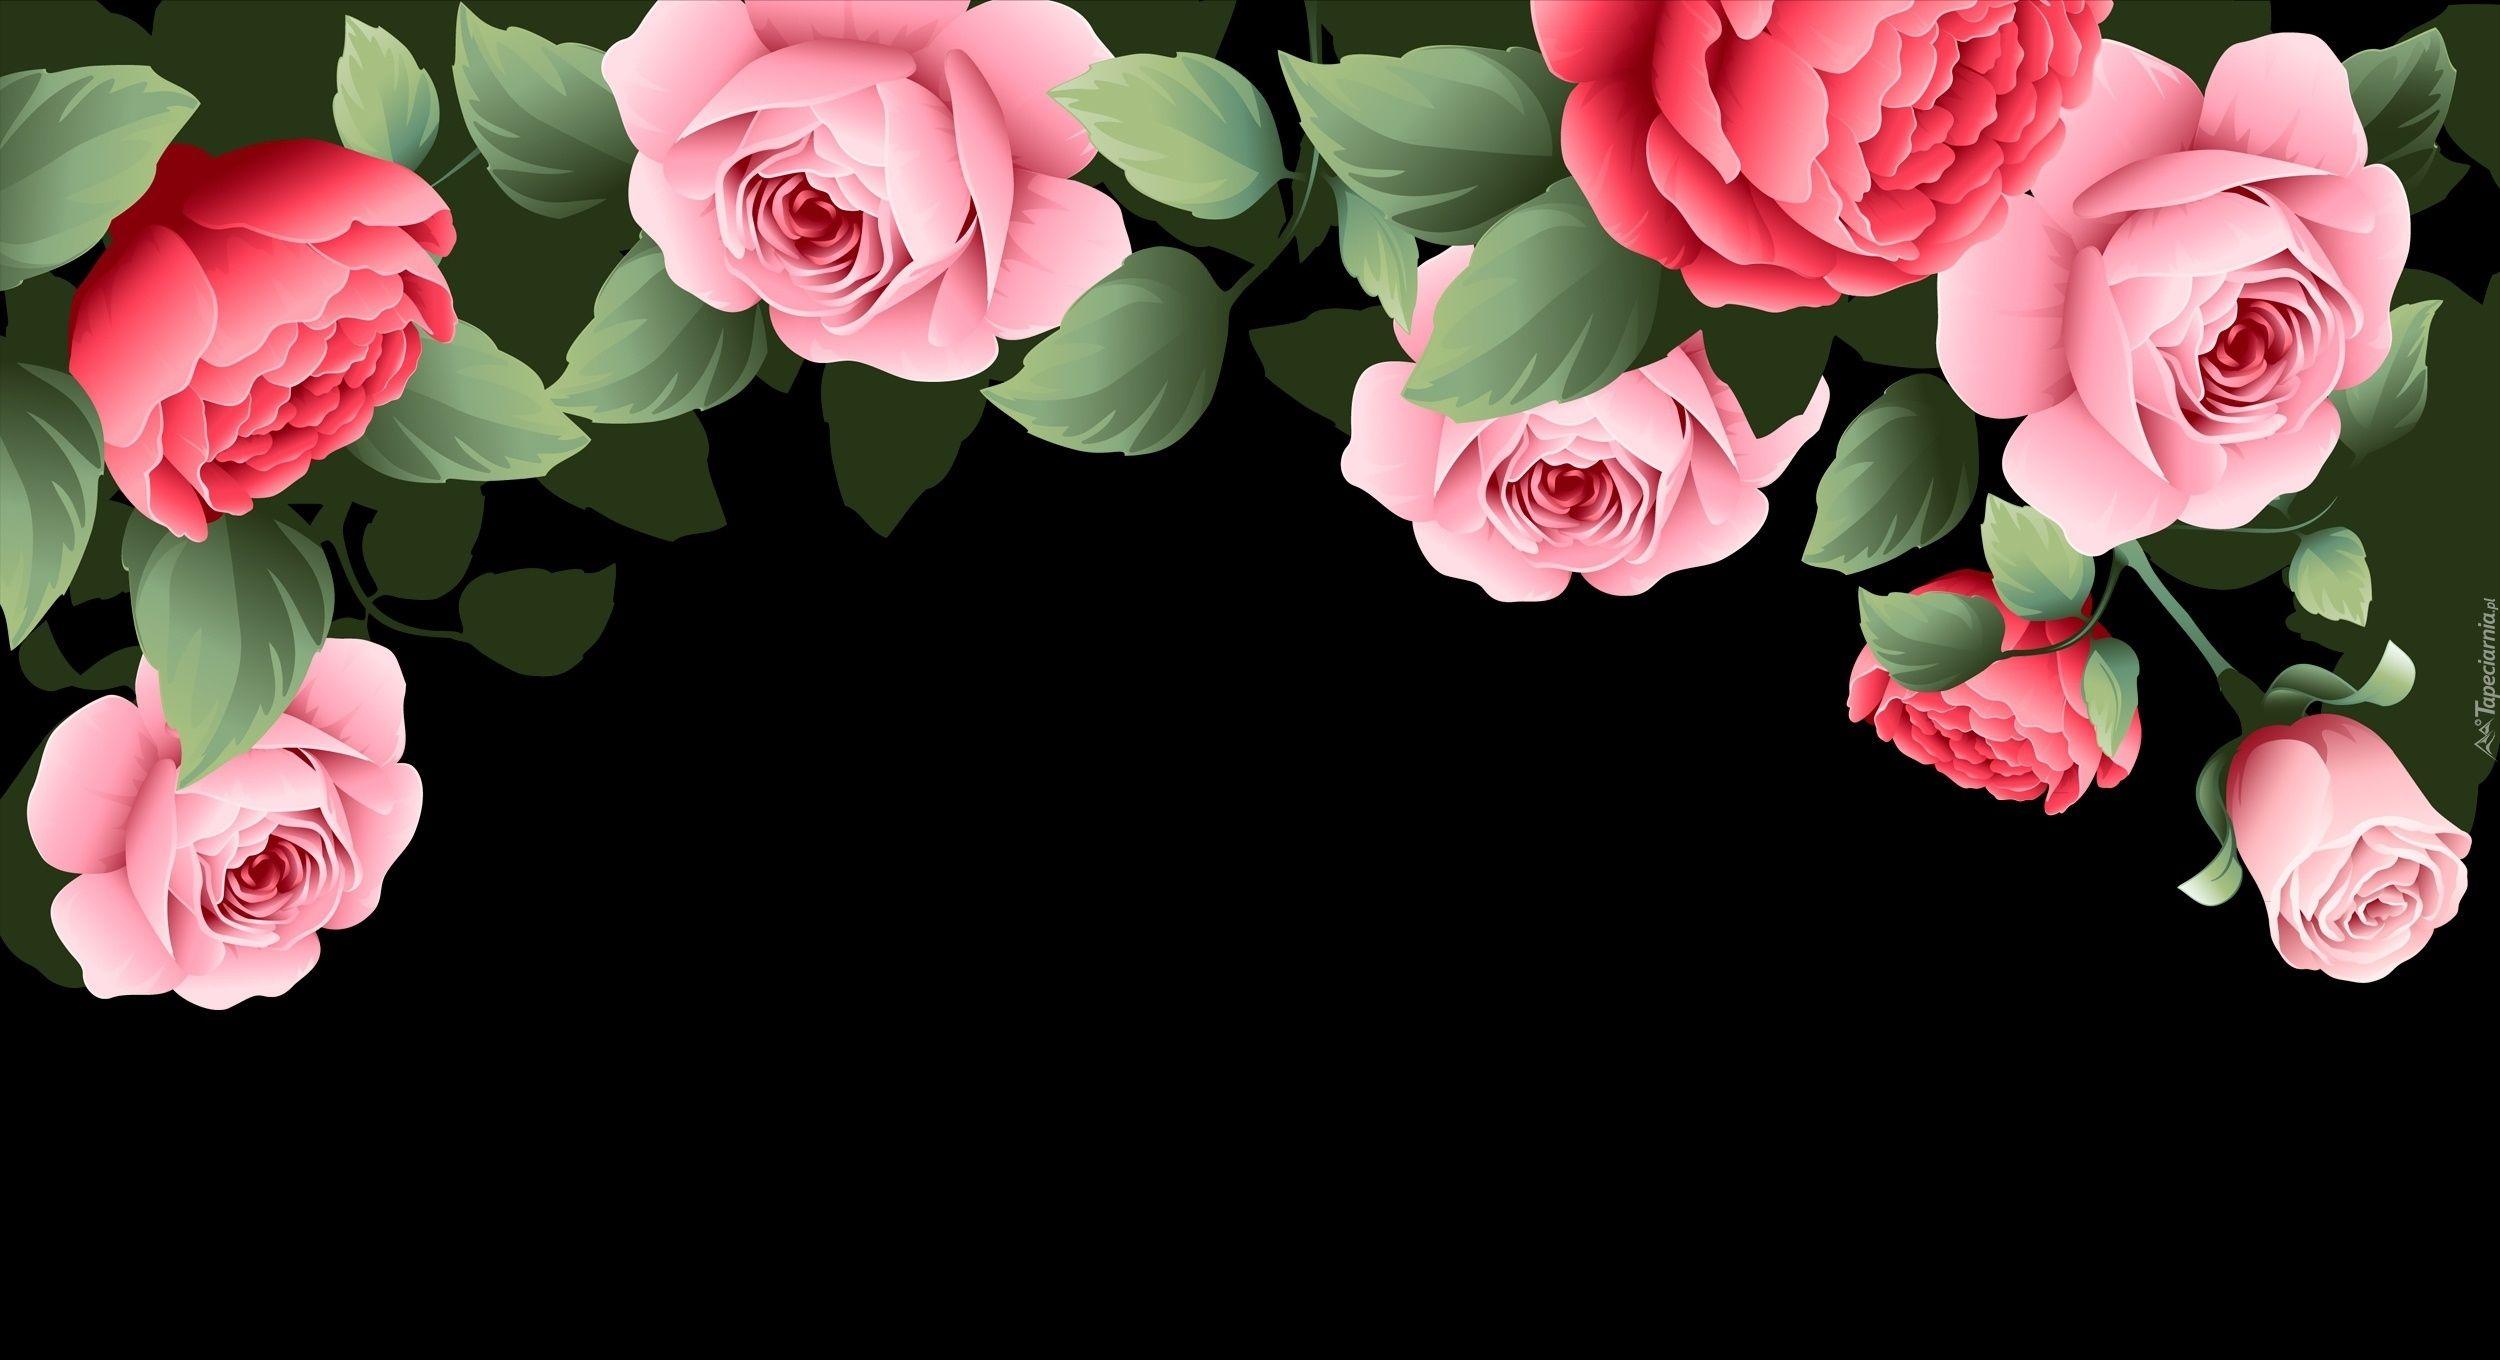 Edycja Tapety Rozowe Roze W Grafice Na Czarnym Tle Wallpaper Texture Floral Wreath